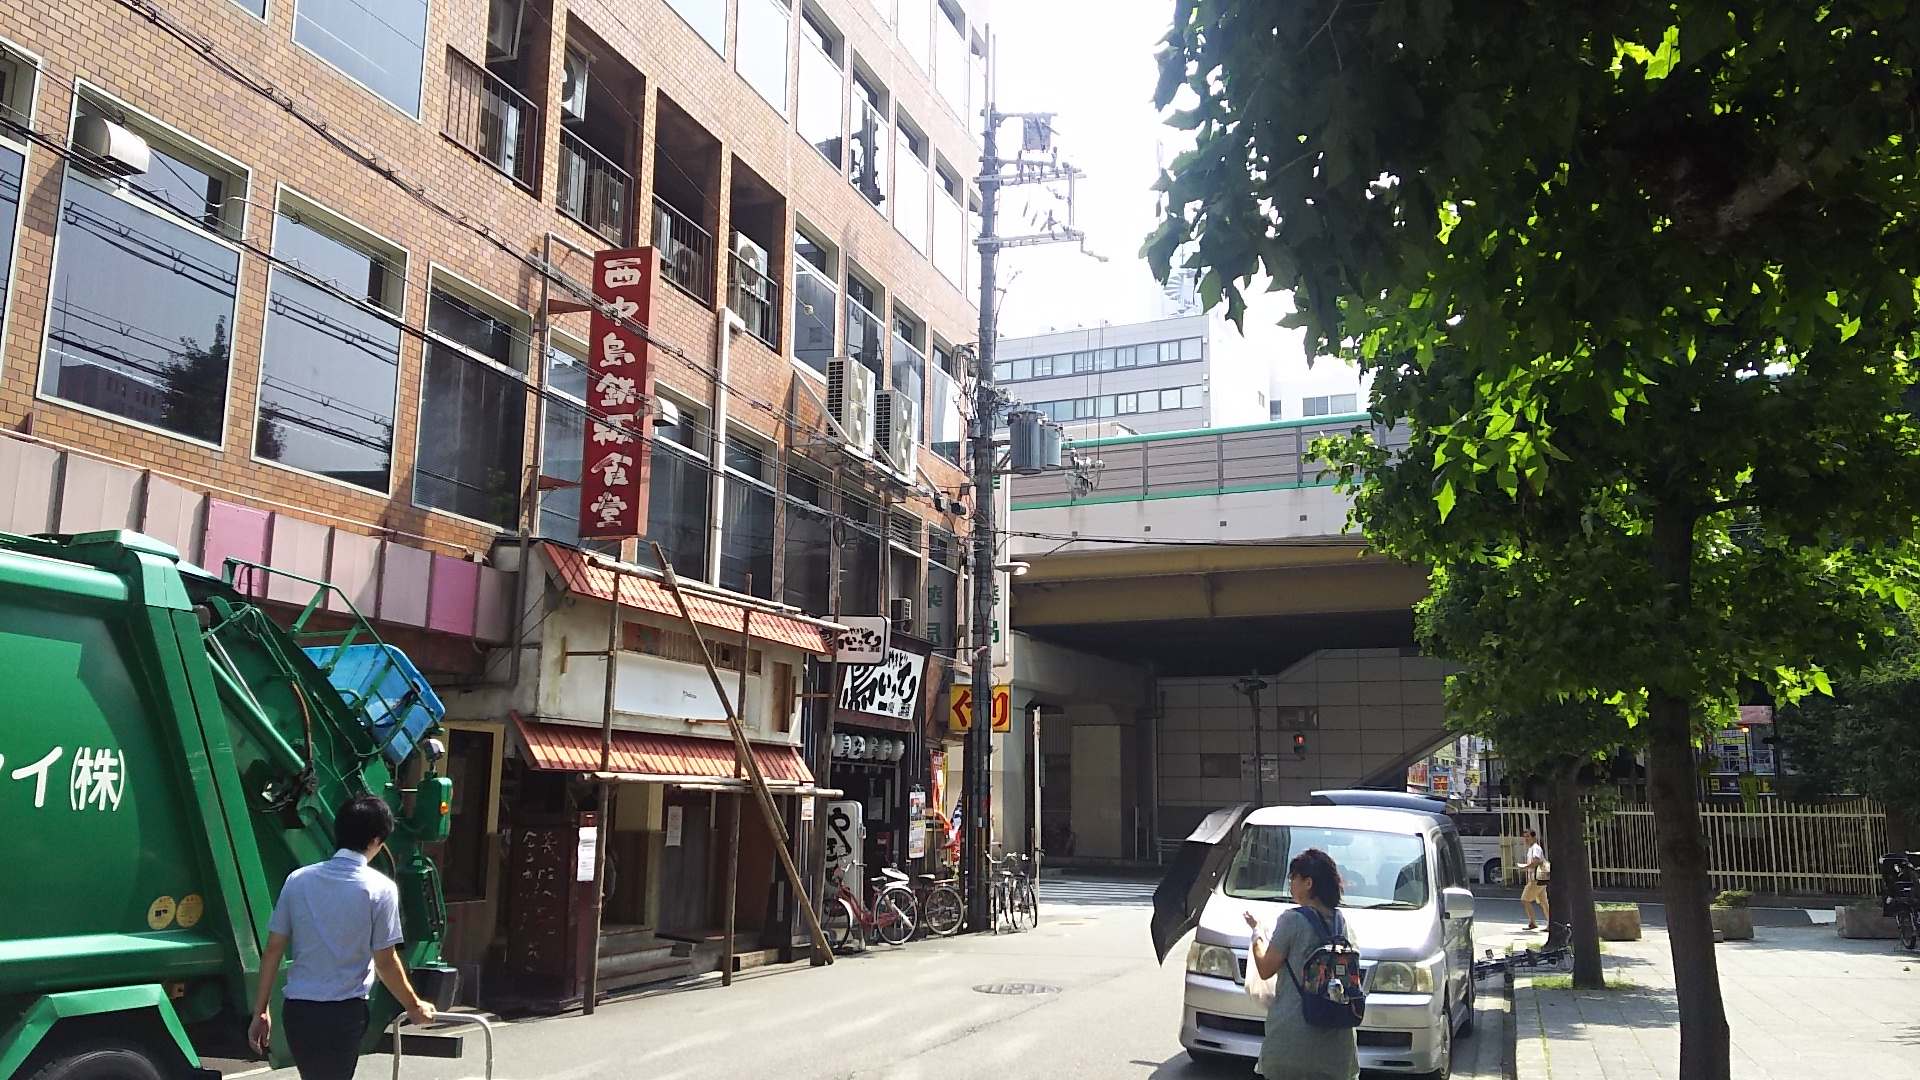 犇き屋 西中島店 と 御堂筋線